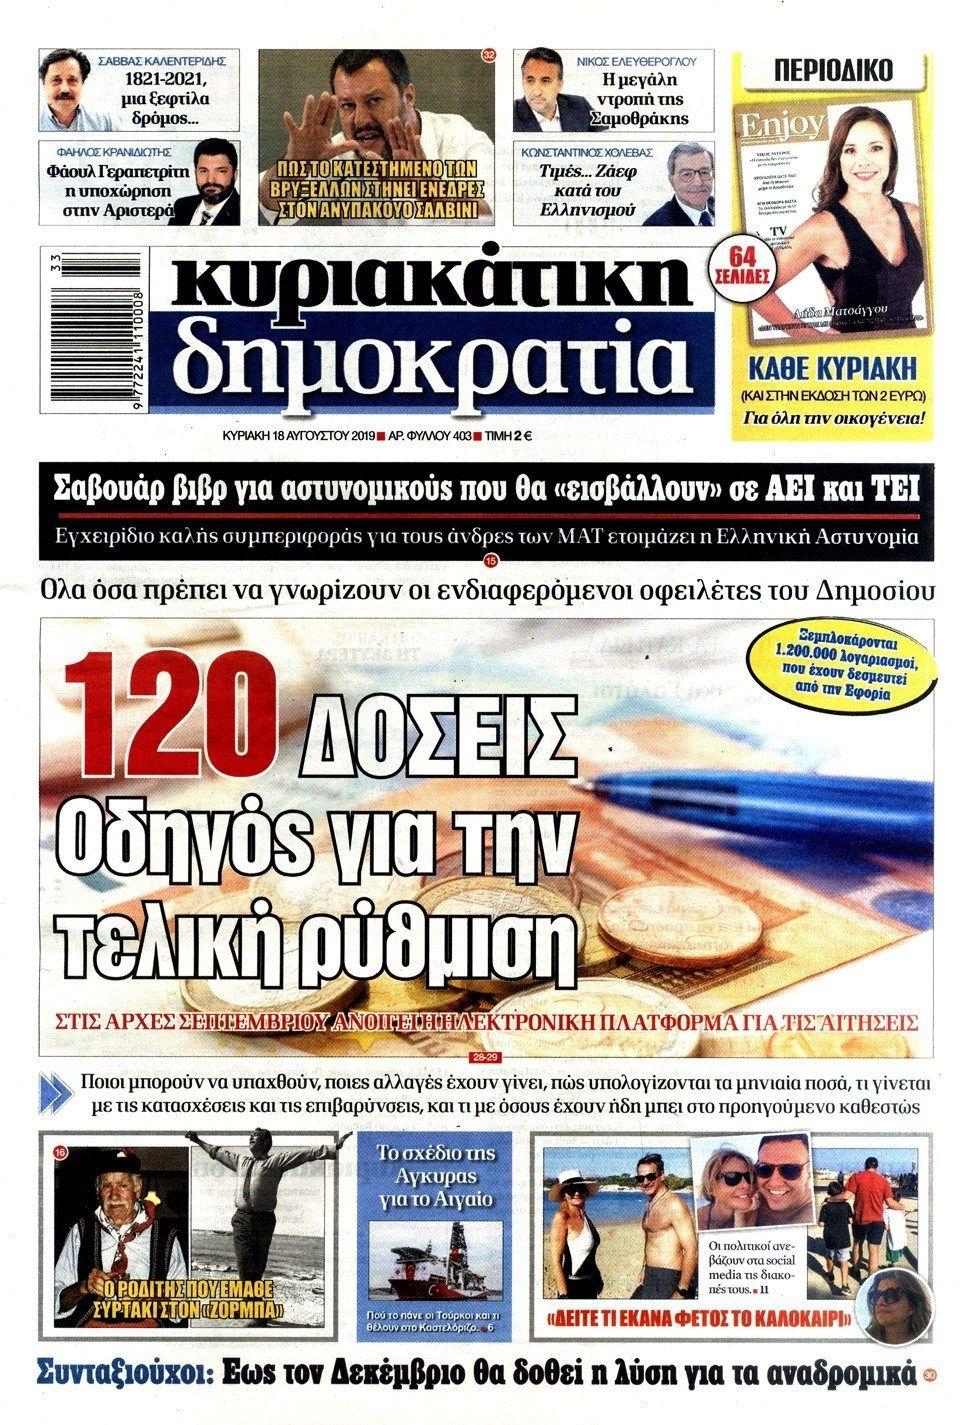 , الصفحات الأولى للصحف الأحد 18 أغسطس 2019